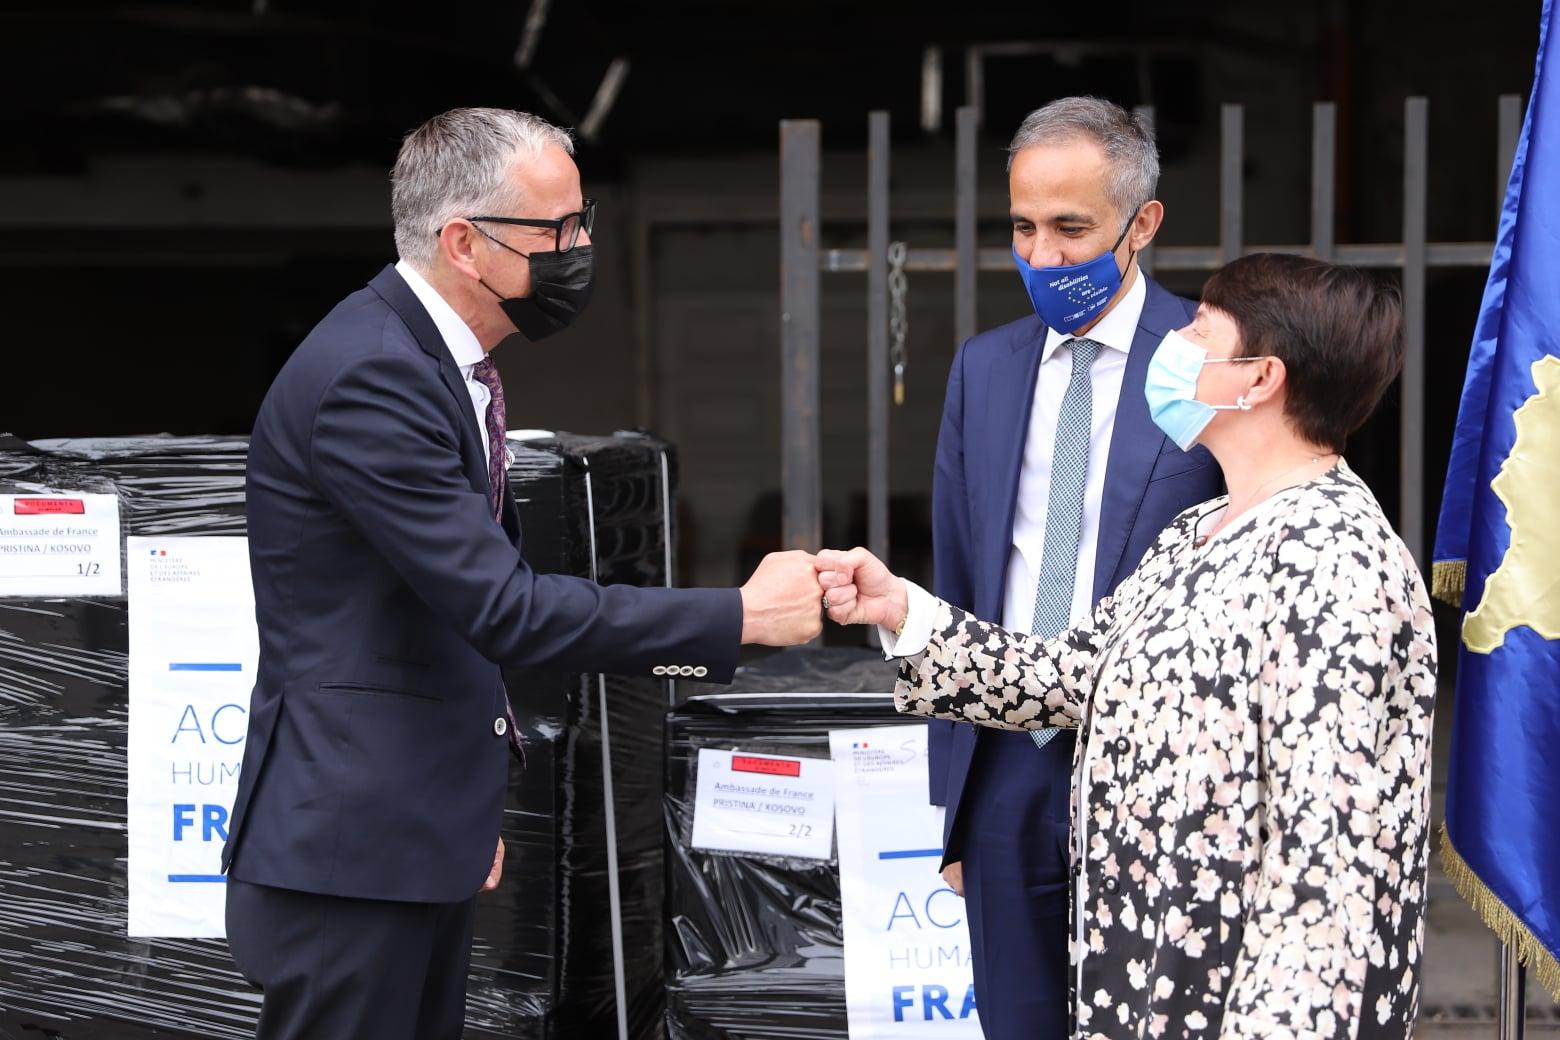 Ministria e Shëndetësisë pranon 15 mijë rapid teste për COVID-19